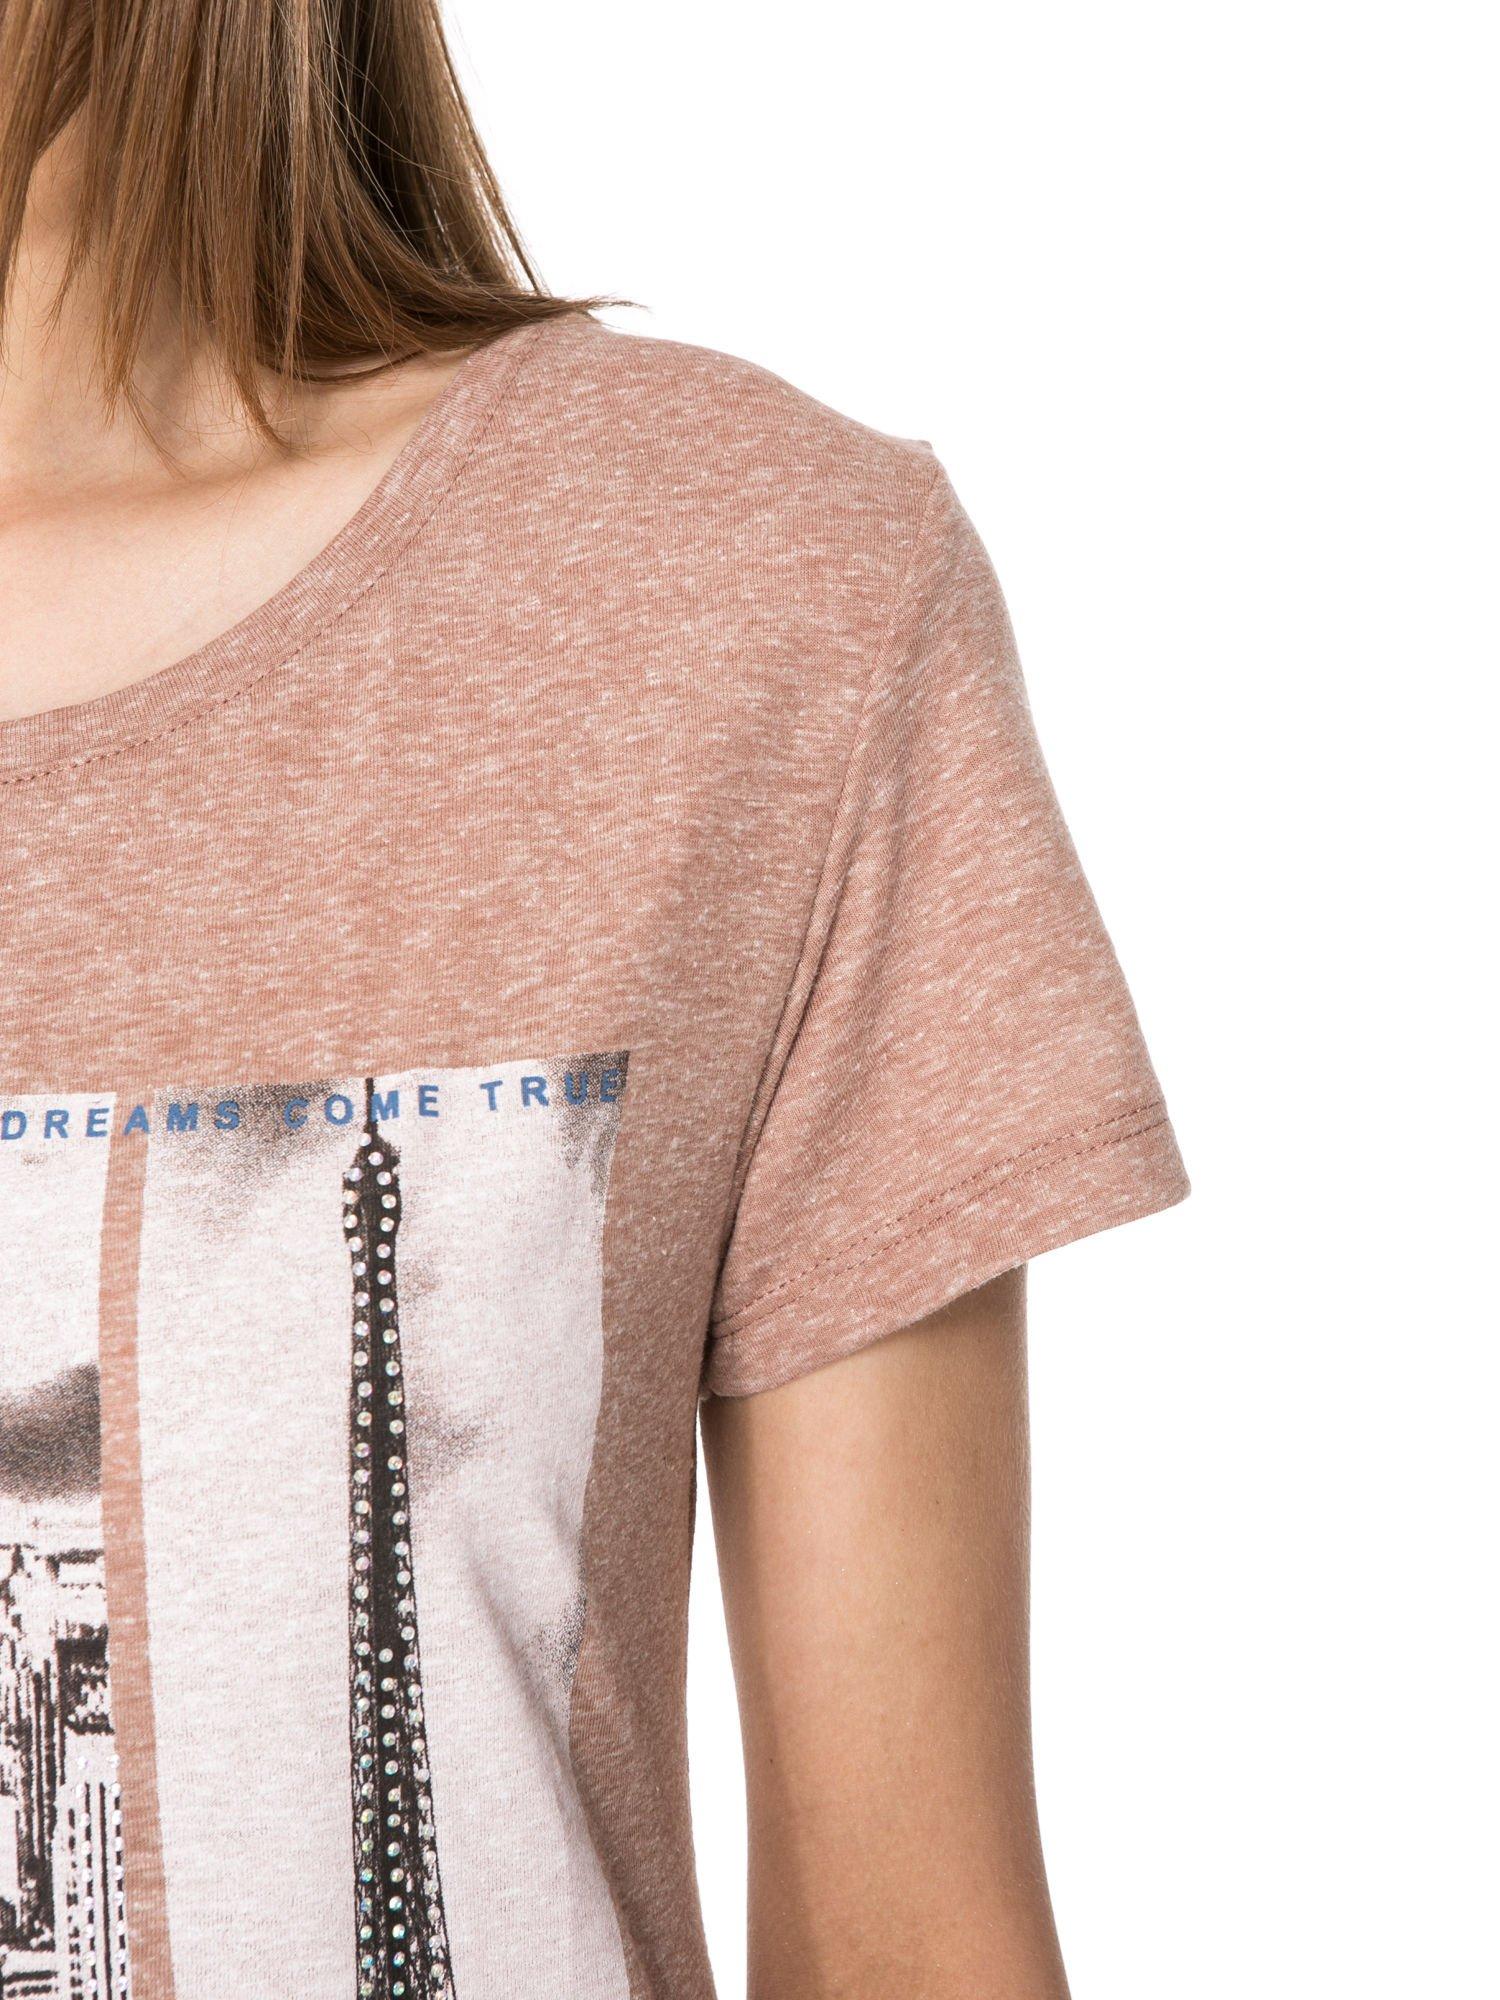 Jasnobordowy t-shirt z fotografiami miast                                  zdj.                                  5